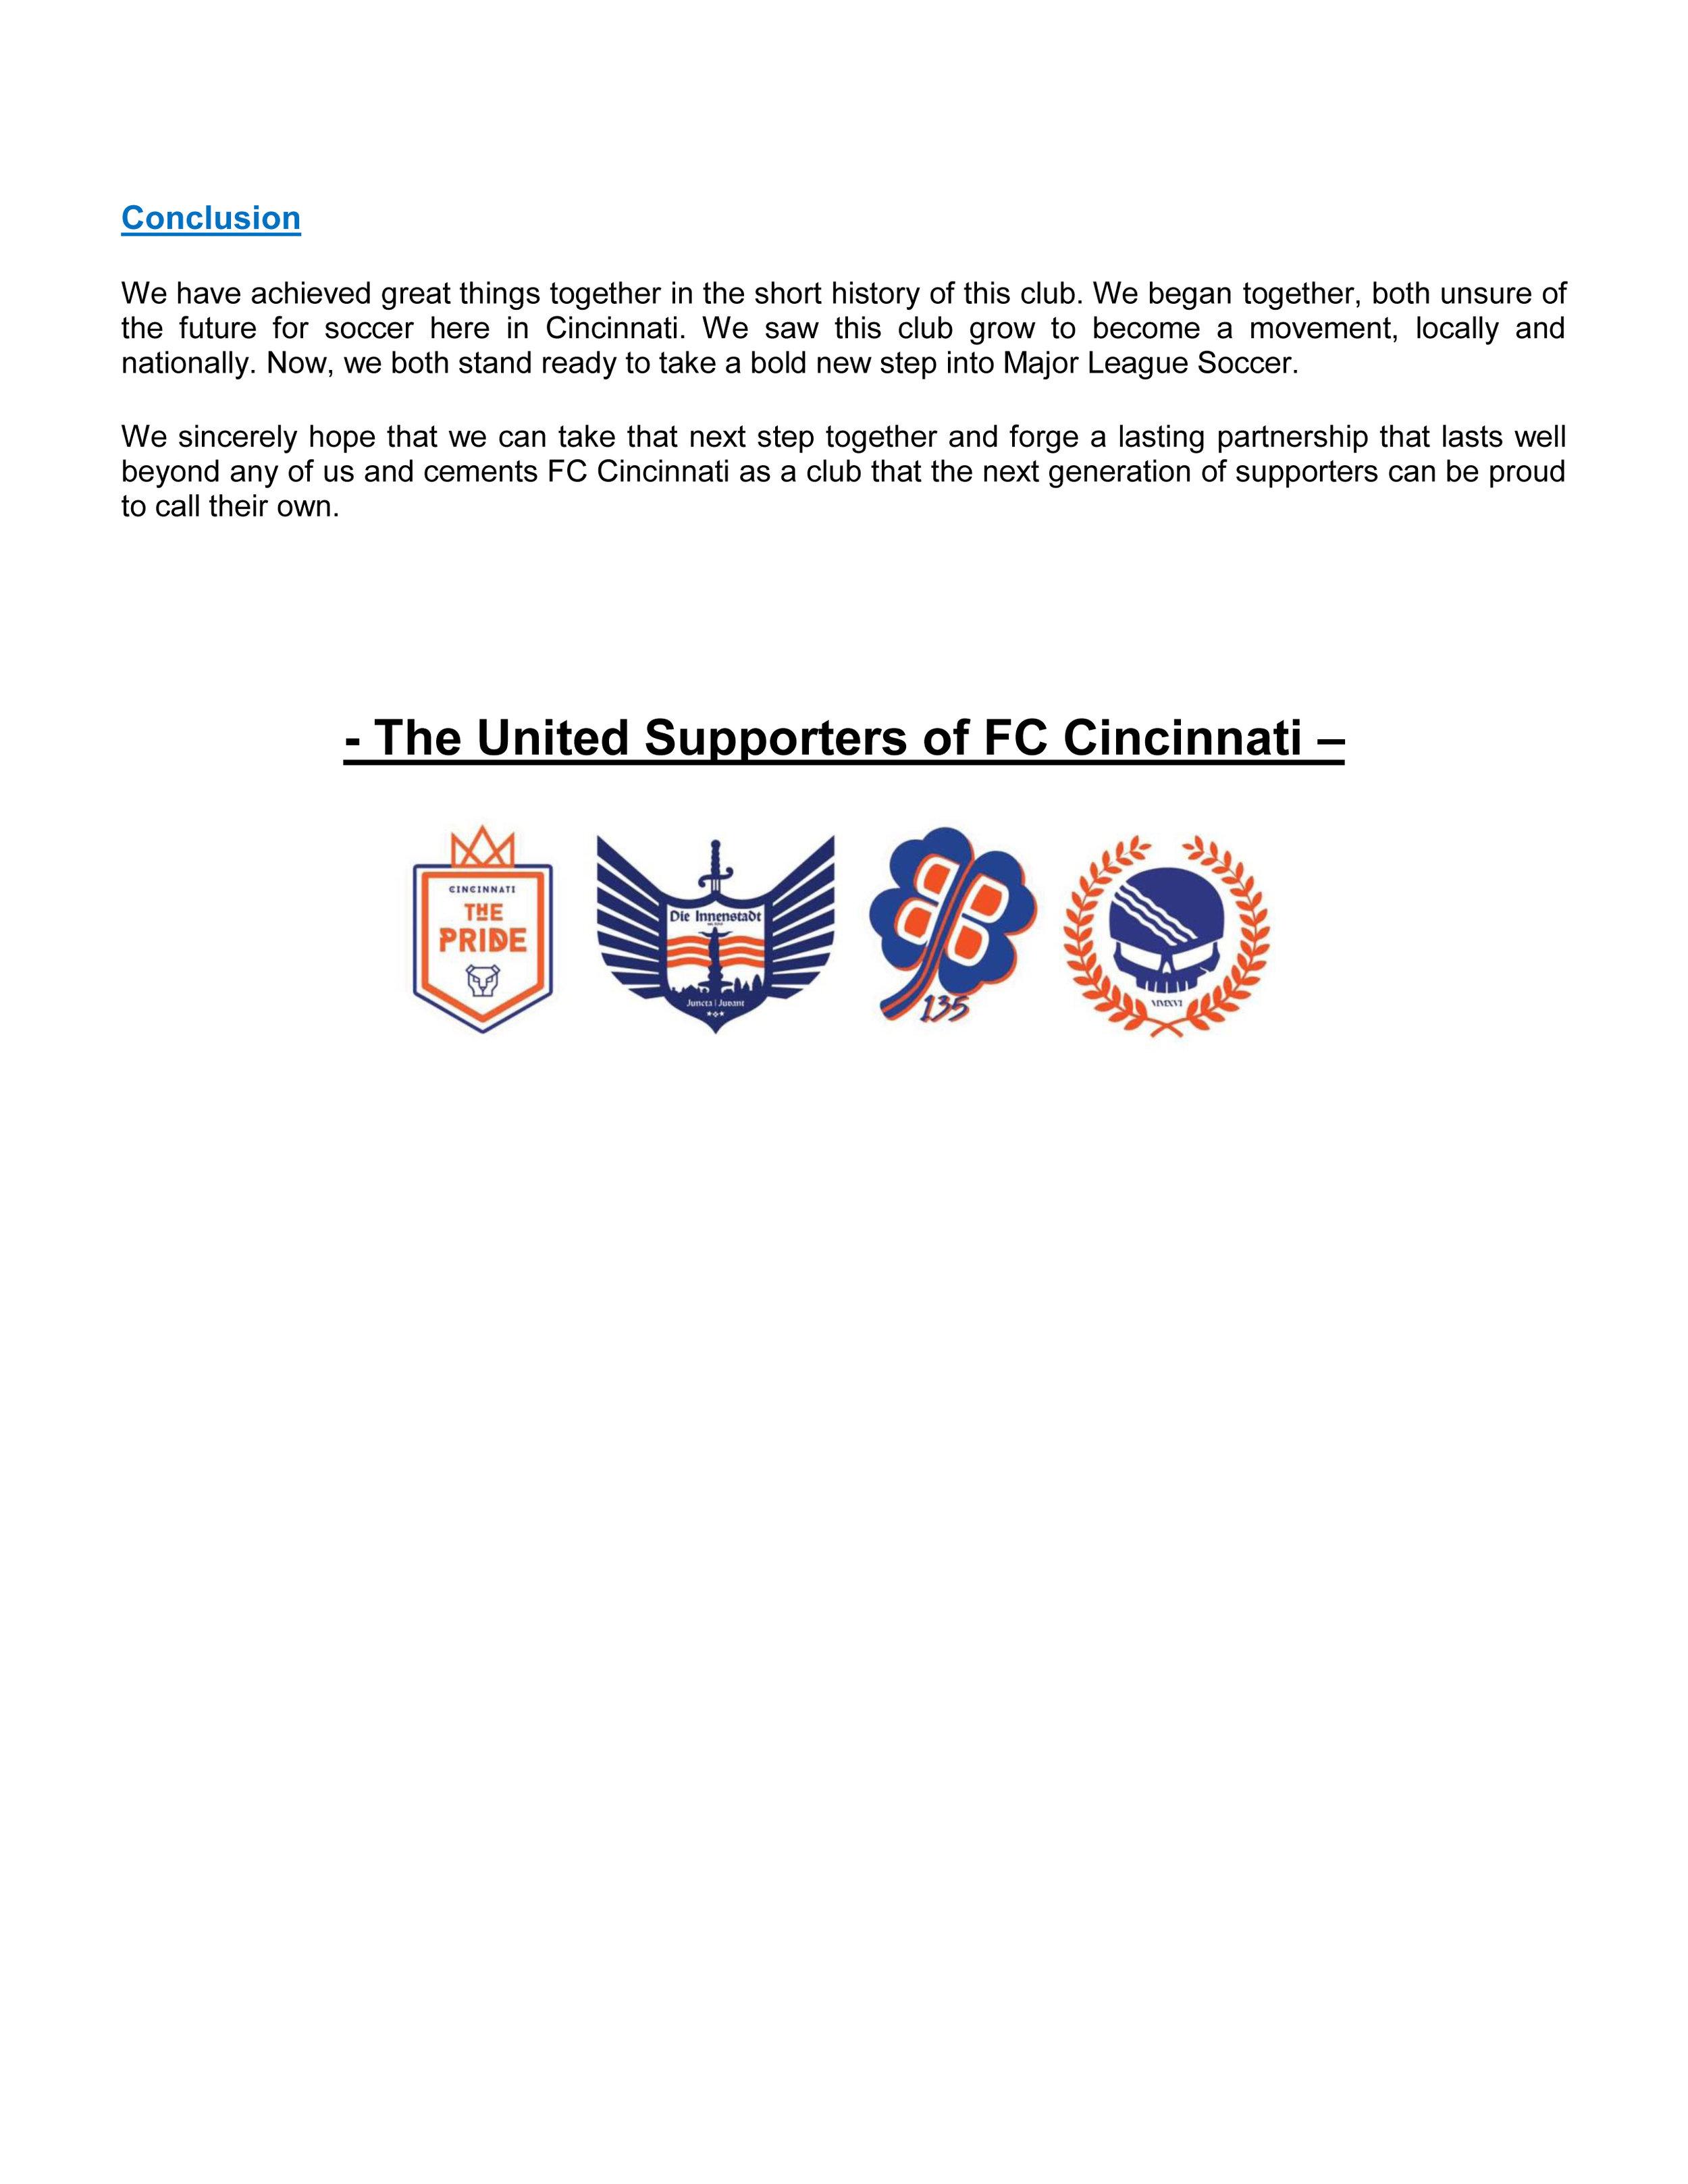 MLS Stadium Requests-7.jpg